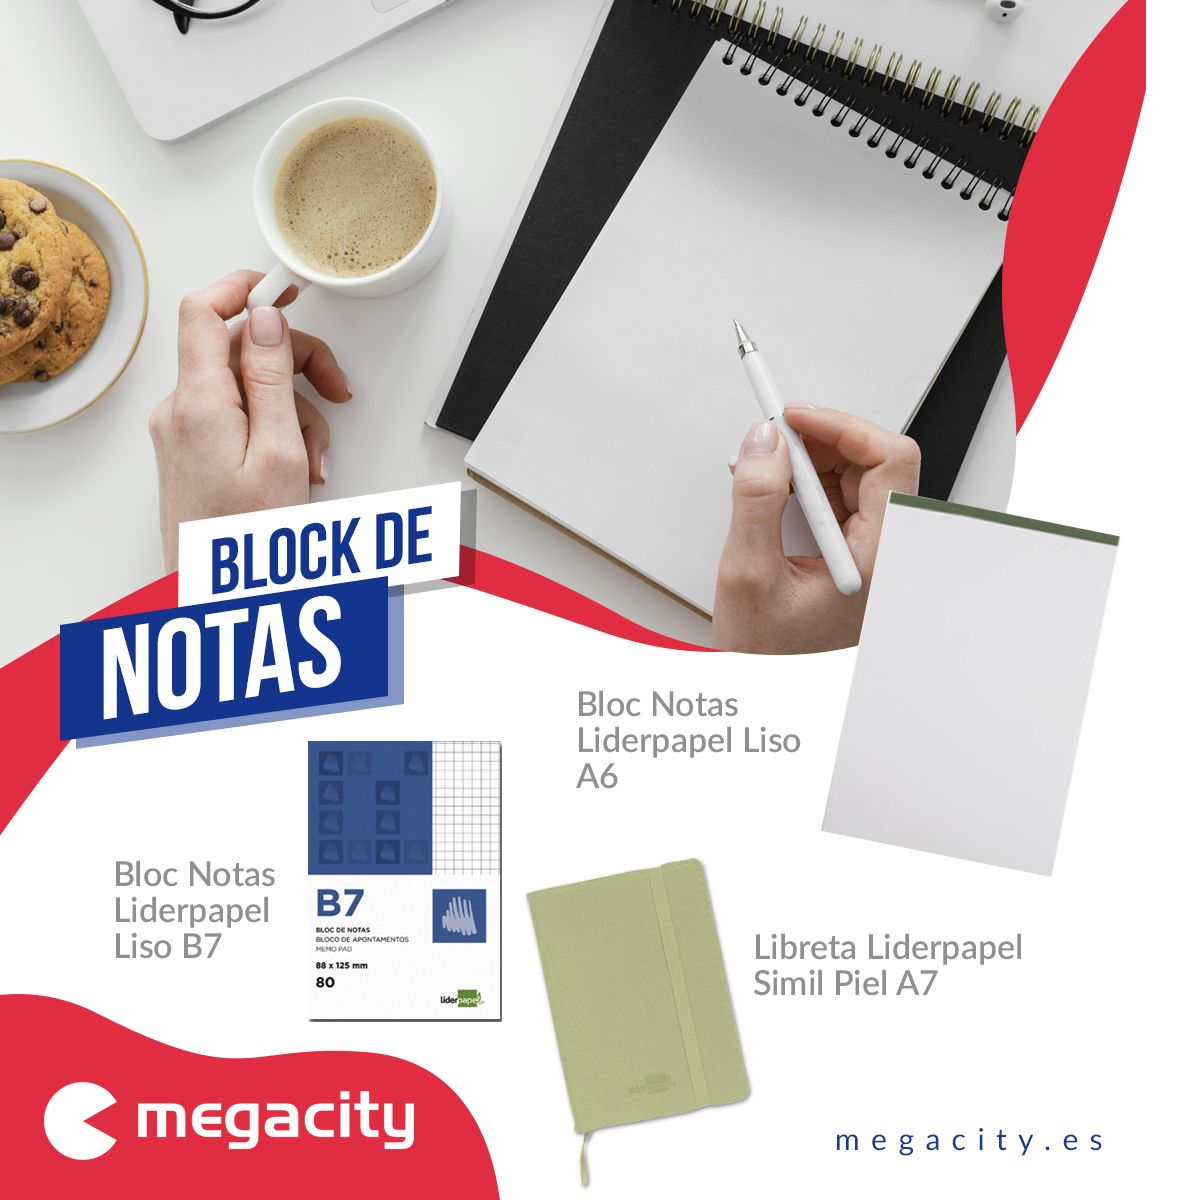 Megacity ofrece una amplia variedad de blocs de notas